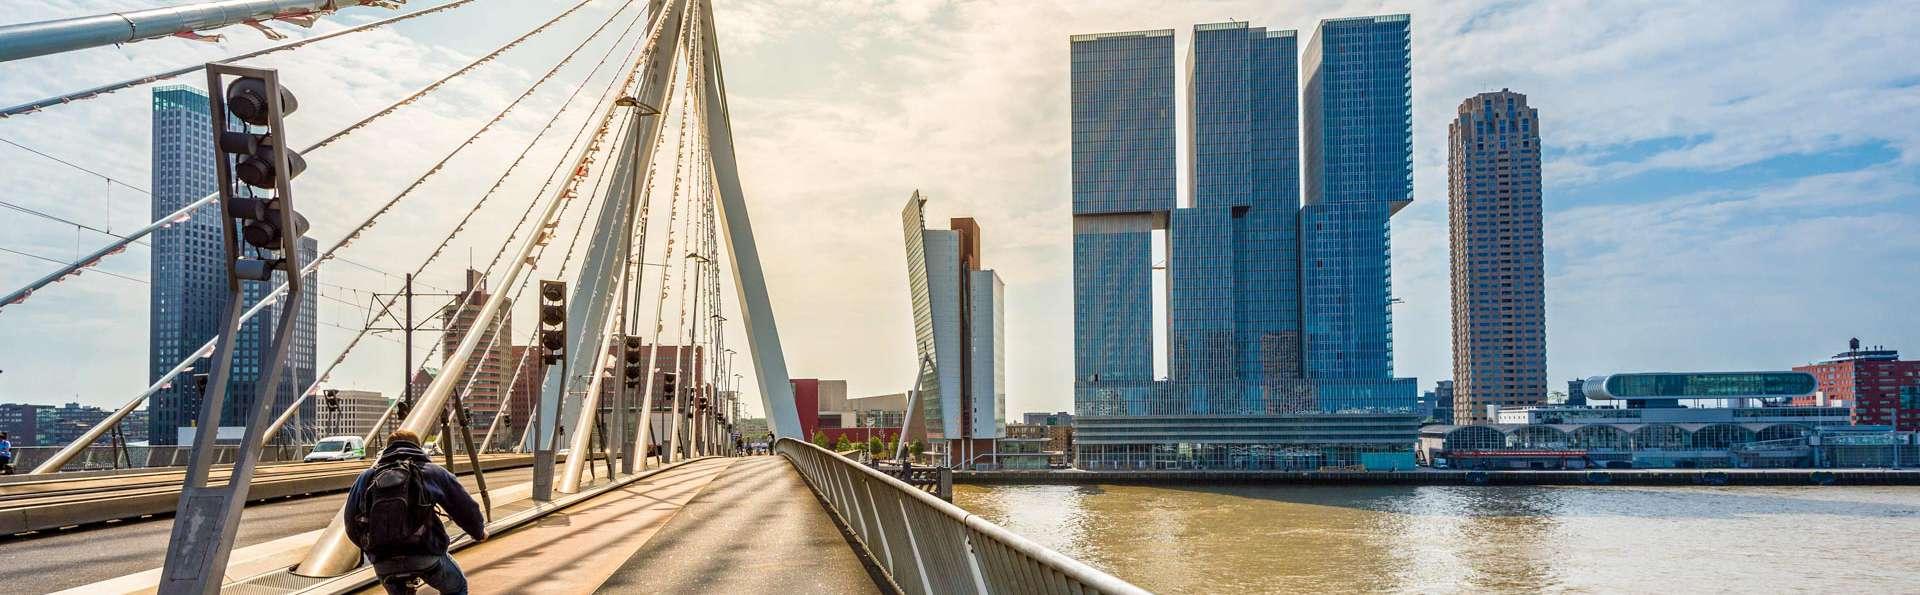 Découvrez la ville portuaire animée de Rotterdam